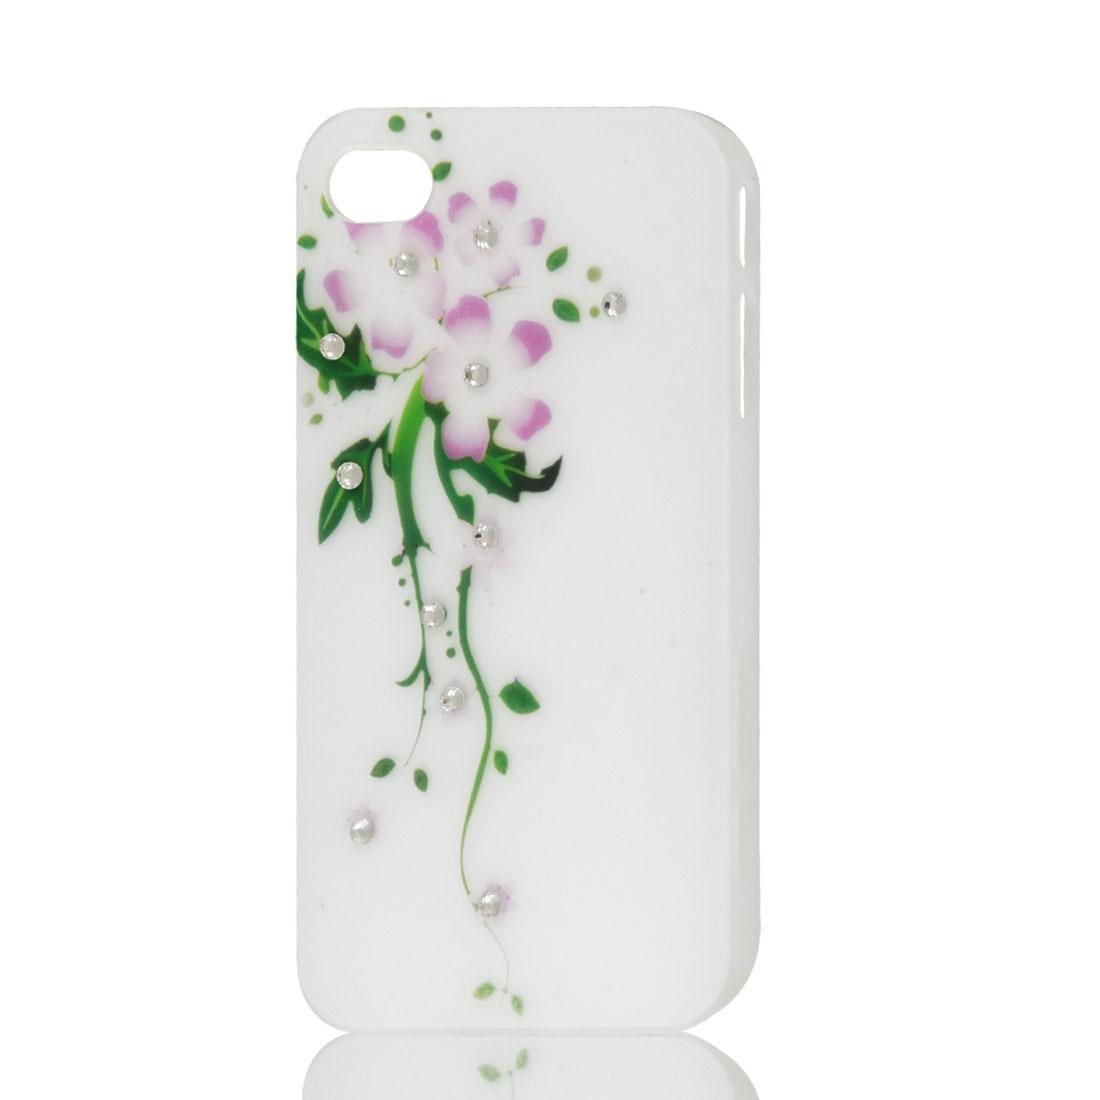 White Bling Glitter Rhinestone Flower Hard Back Case Cover for Apple iPhone 4 4G